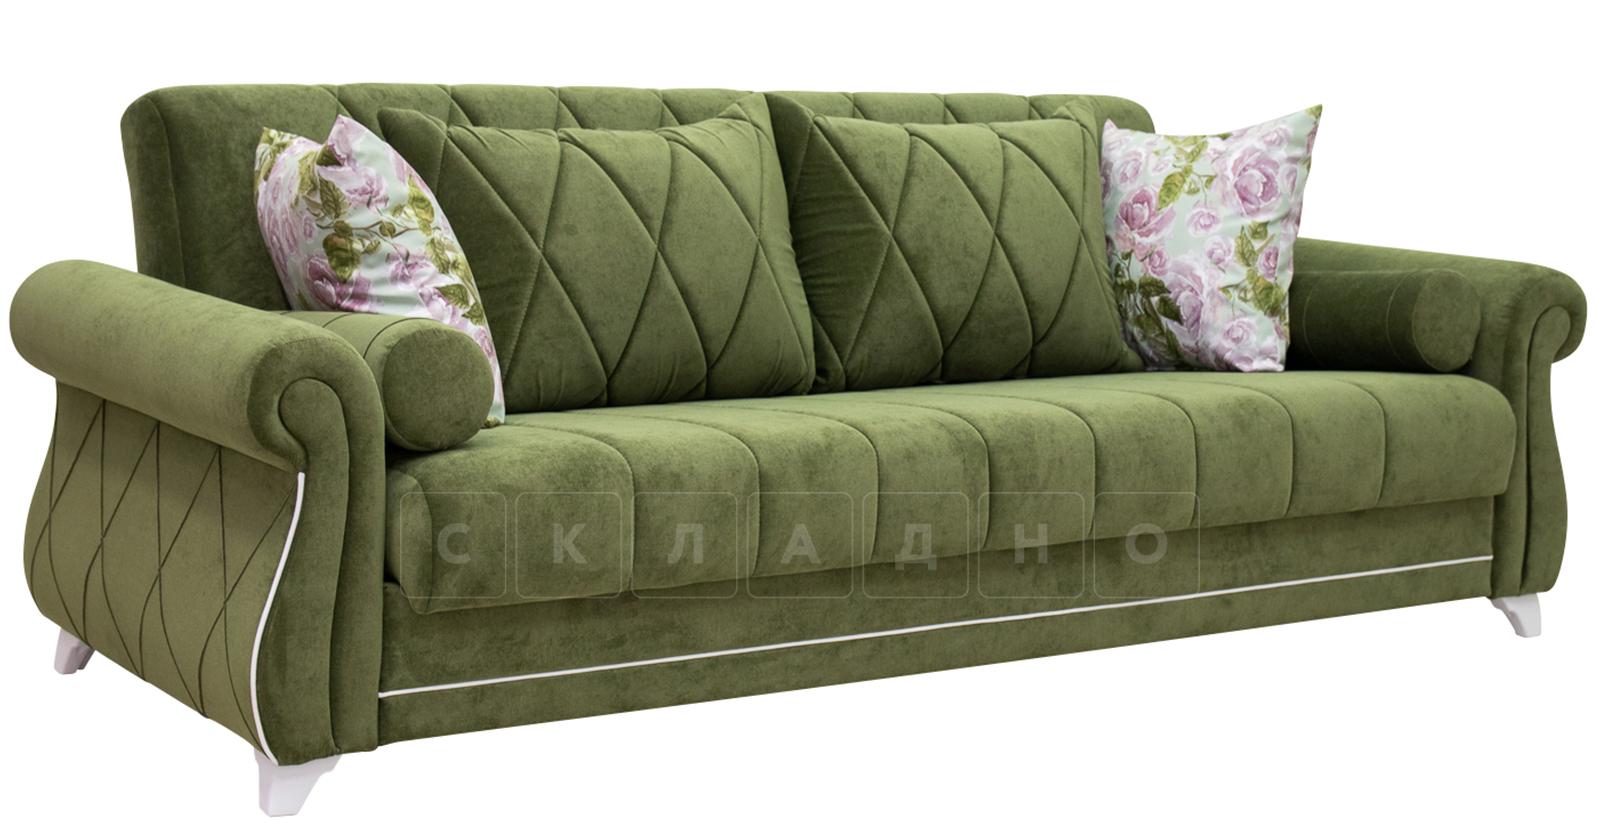 Диван-кровать Роза оливковый фото 4 | интернет-магазин Складно